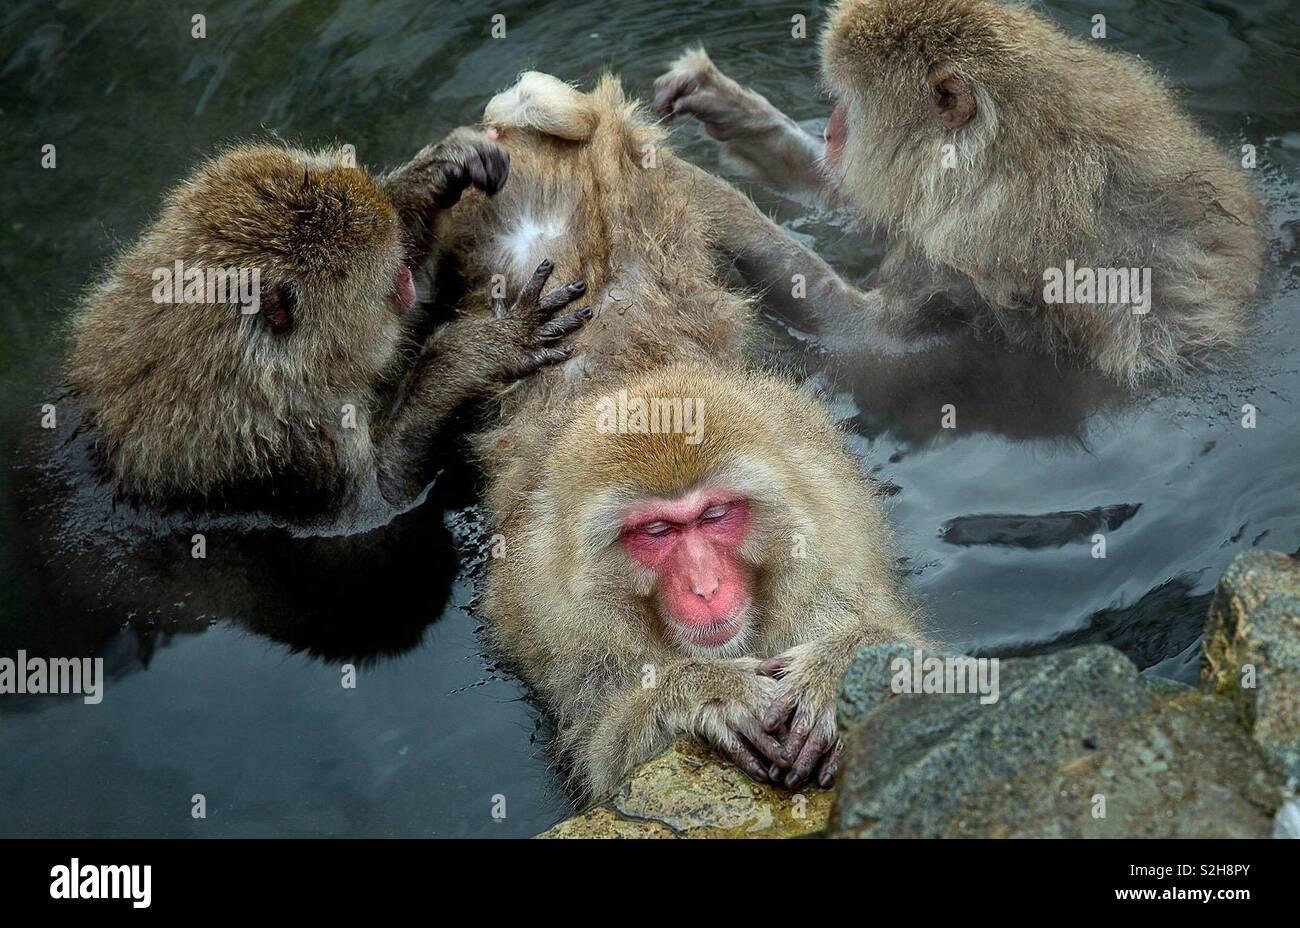 Visité El Parque De Monos De Nieve En El Parque Jigokudani Nagano En